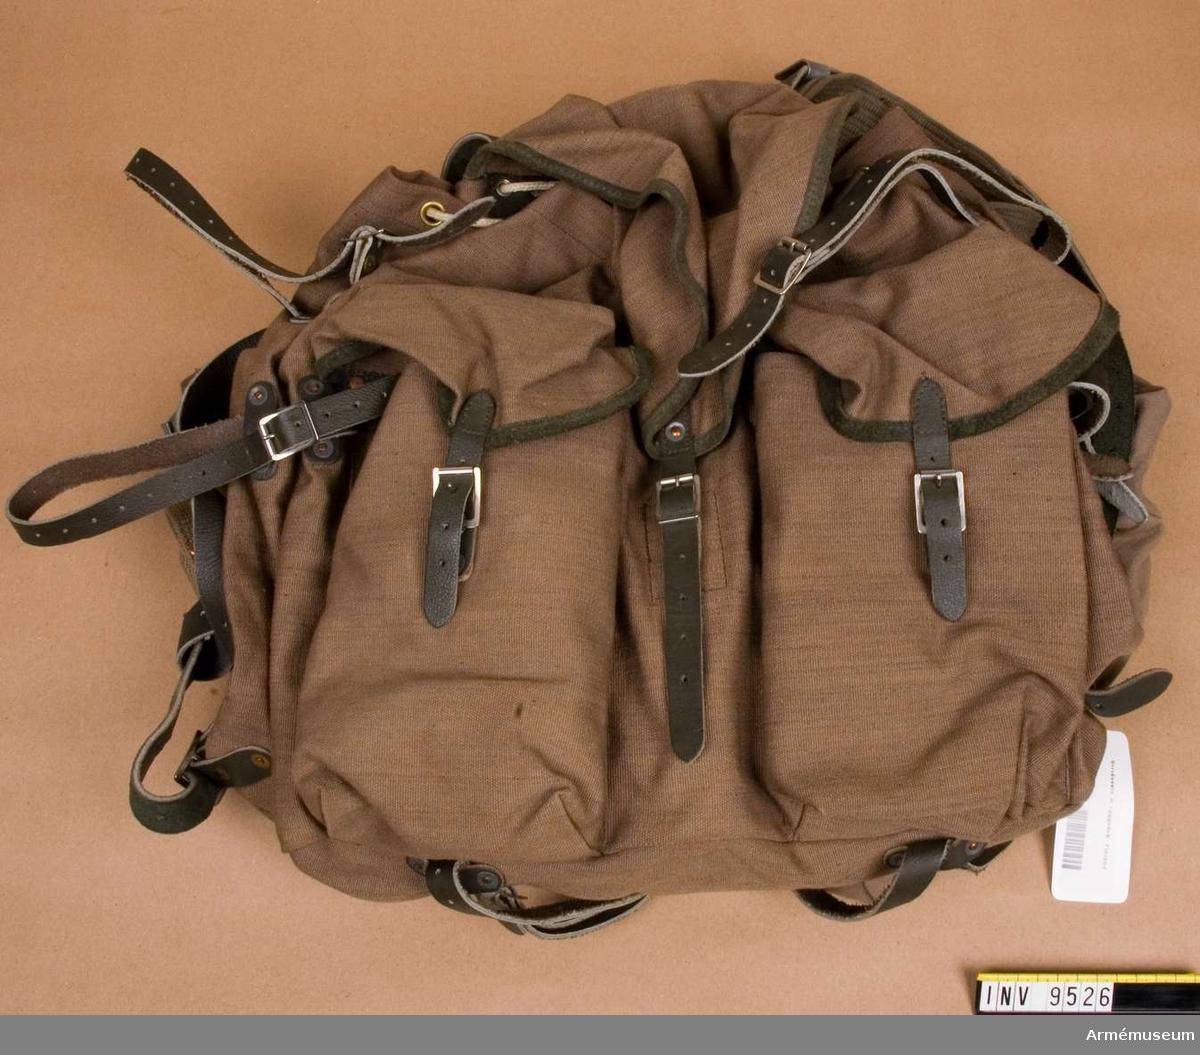 Består av tre mindre väskor och ryggsäck. Midjebältet är  av läder och cordband. Finskt material. Gåva från FMV i Solna.